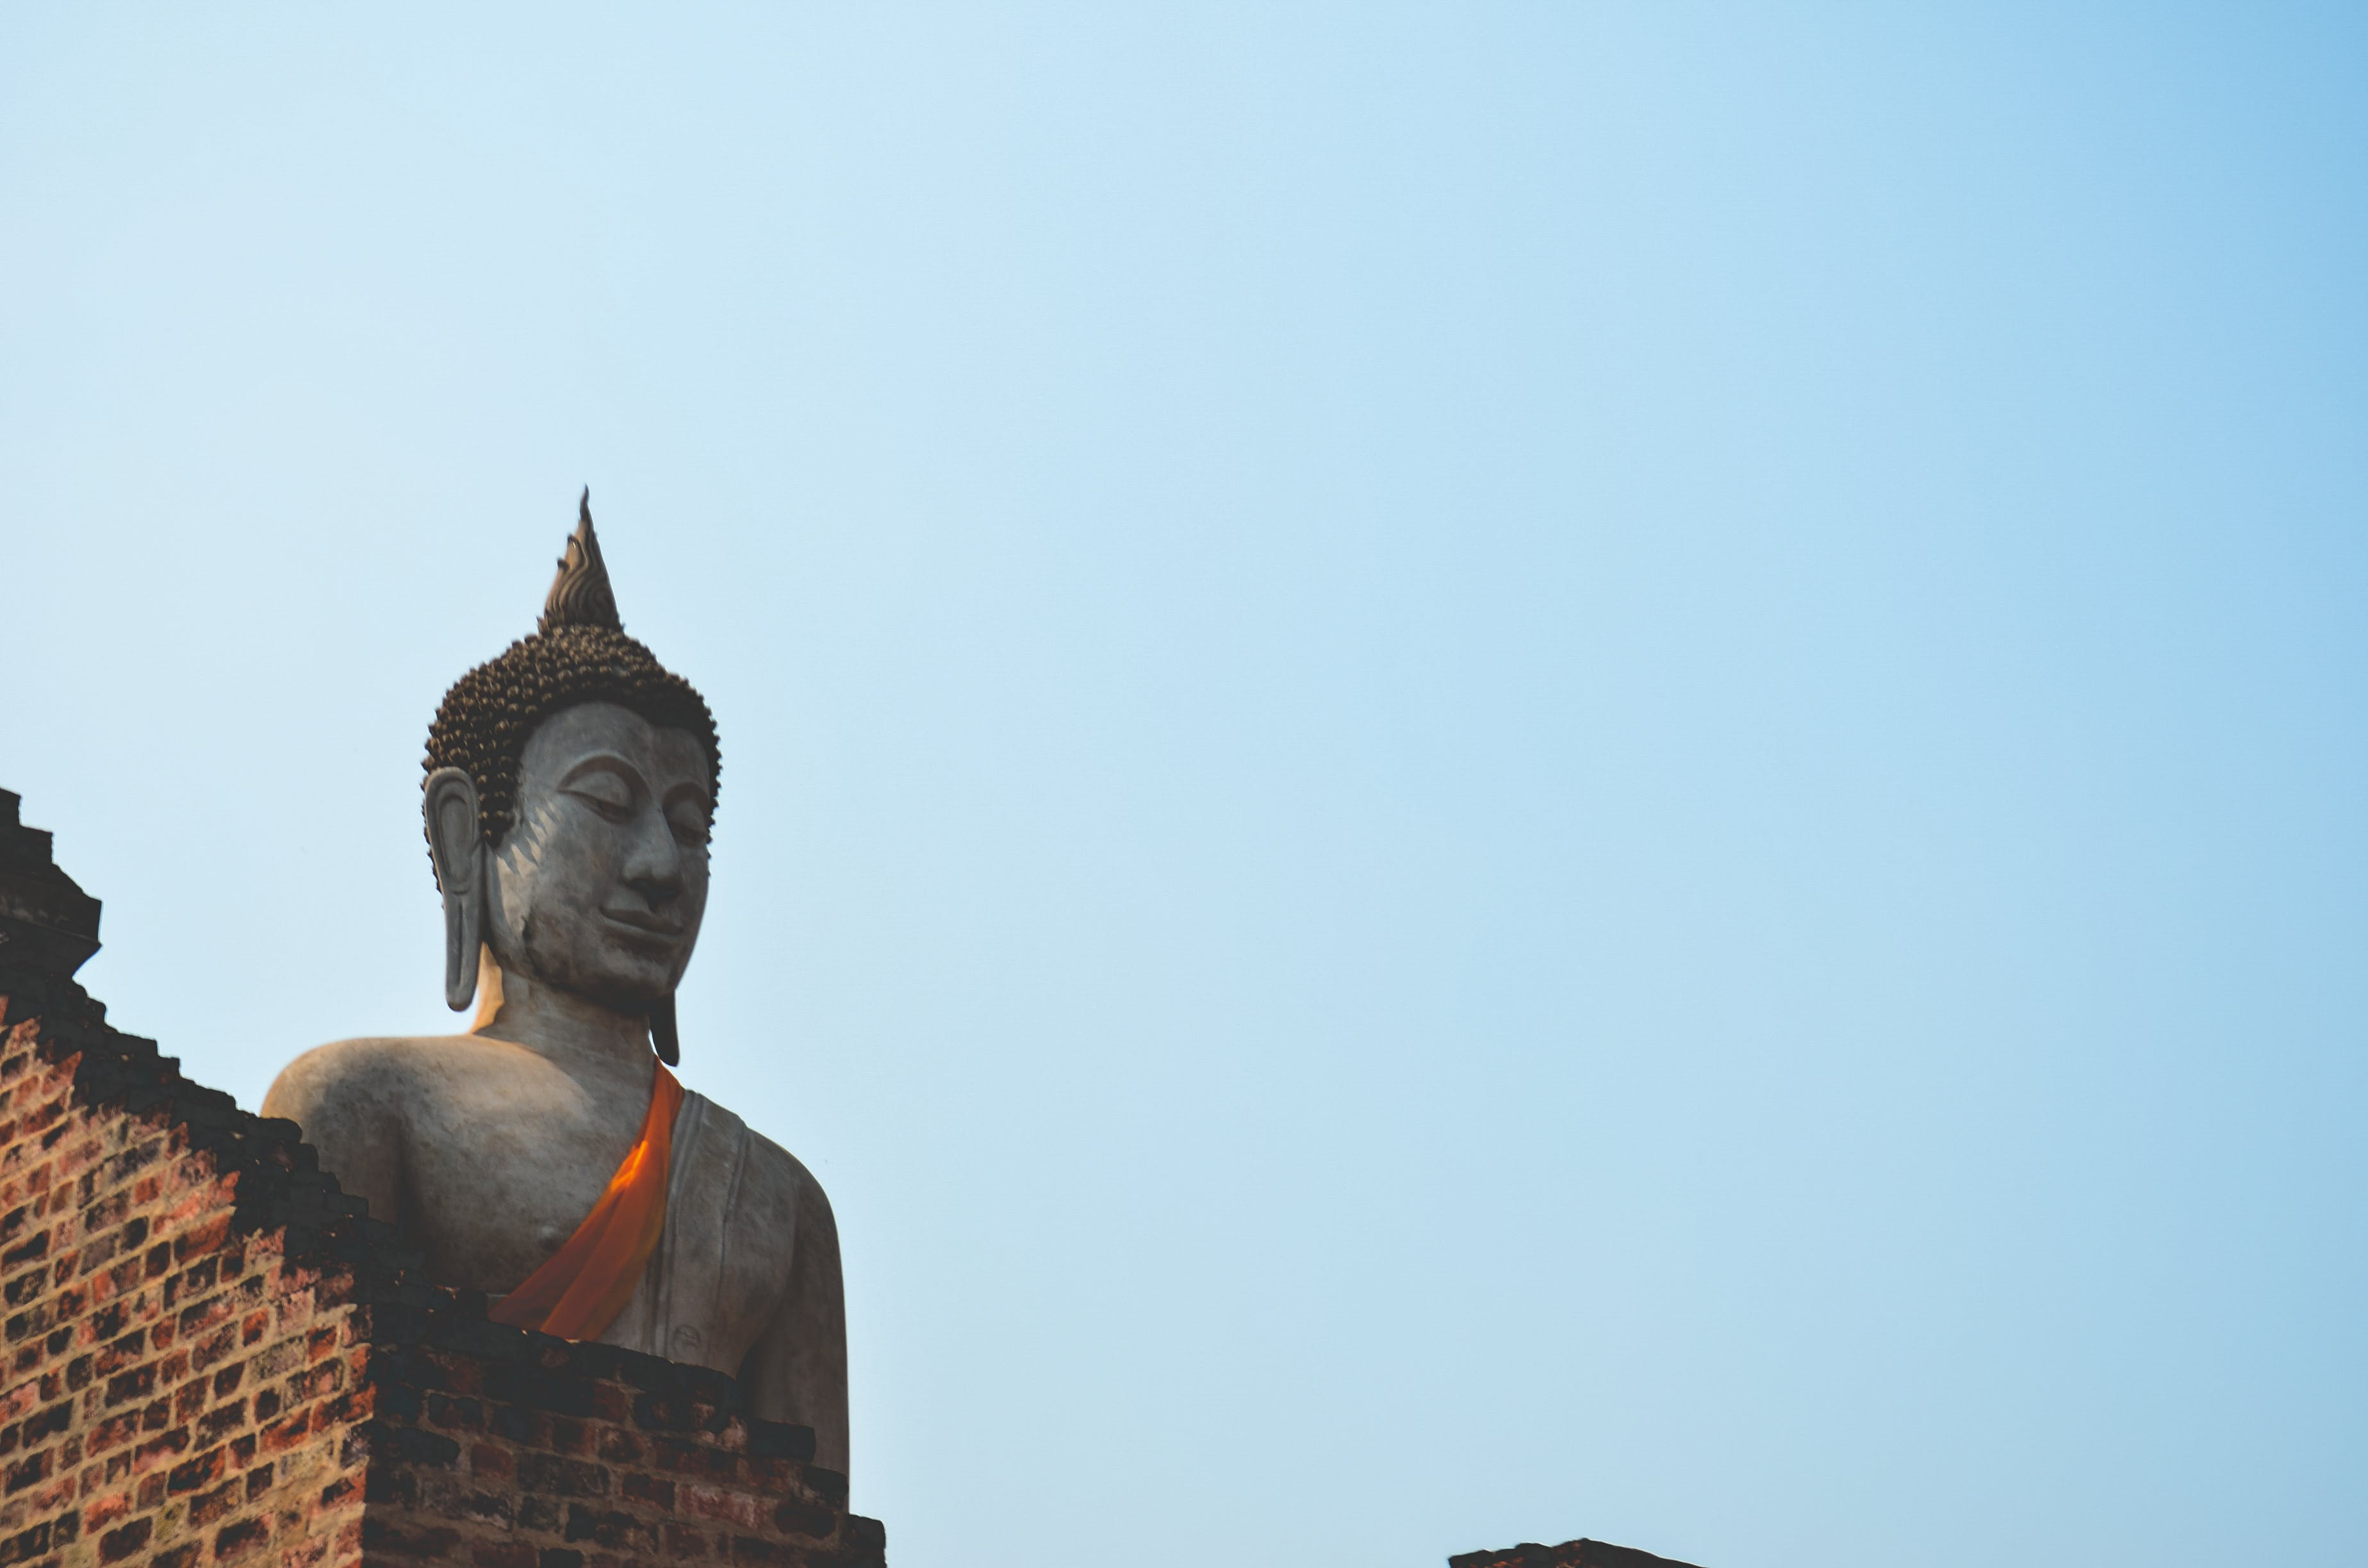 Ảnh lưu trữ miễn phí về ánh sáng ban ngày, ban ngày, bức tượng, Linh thiêng